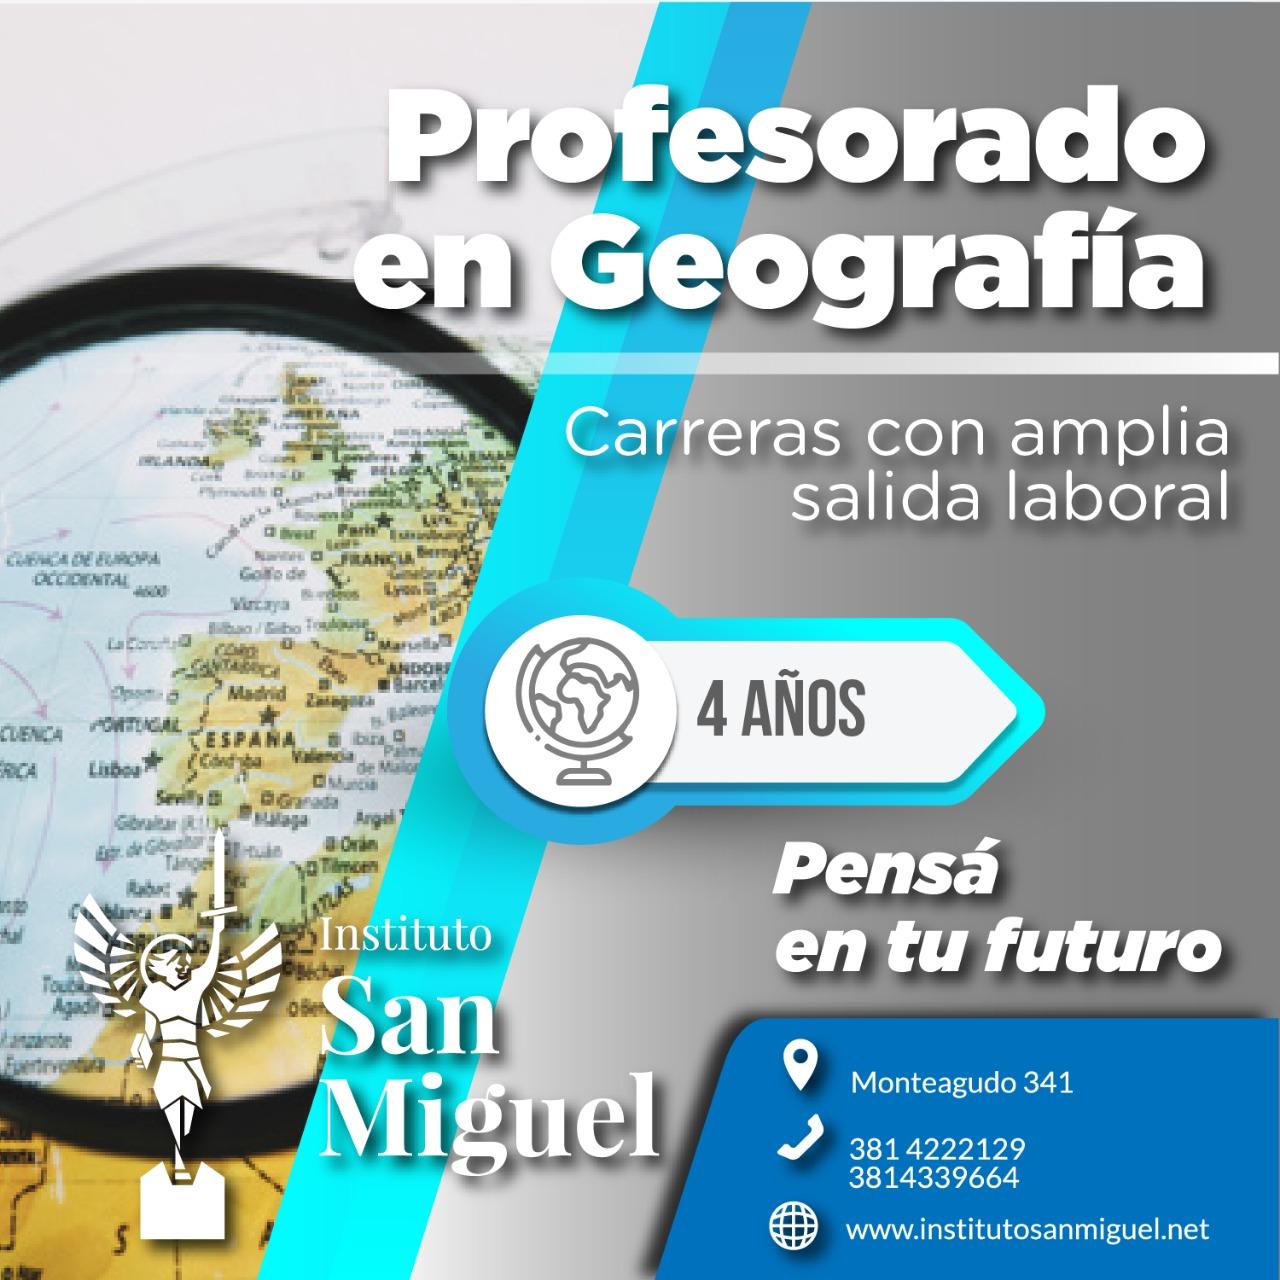 Profesorado en geografía